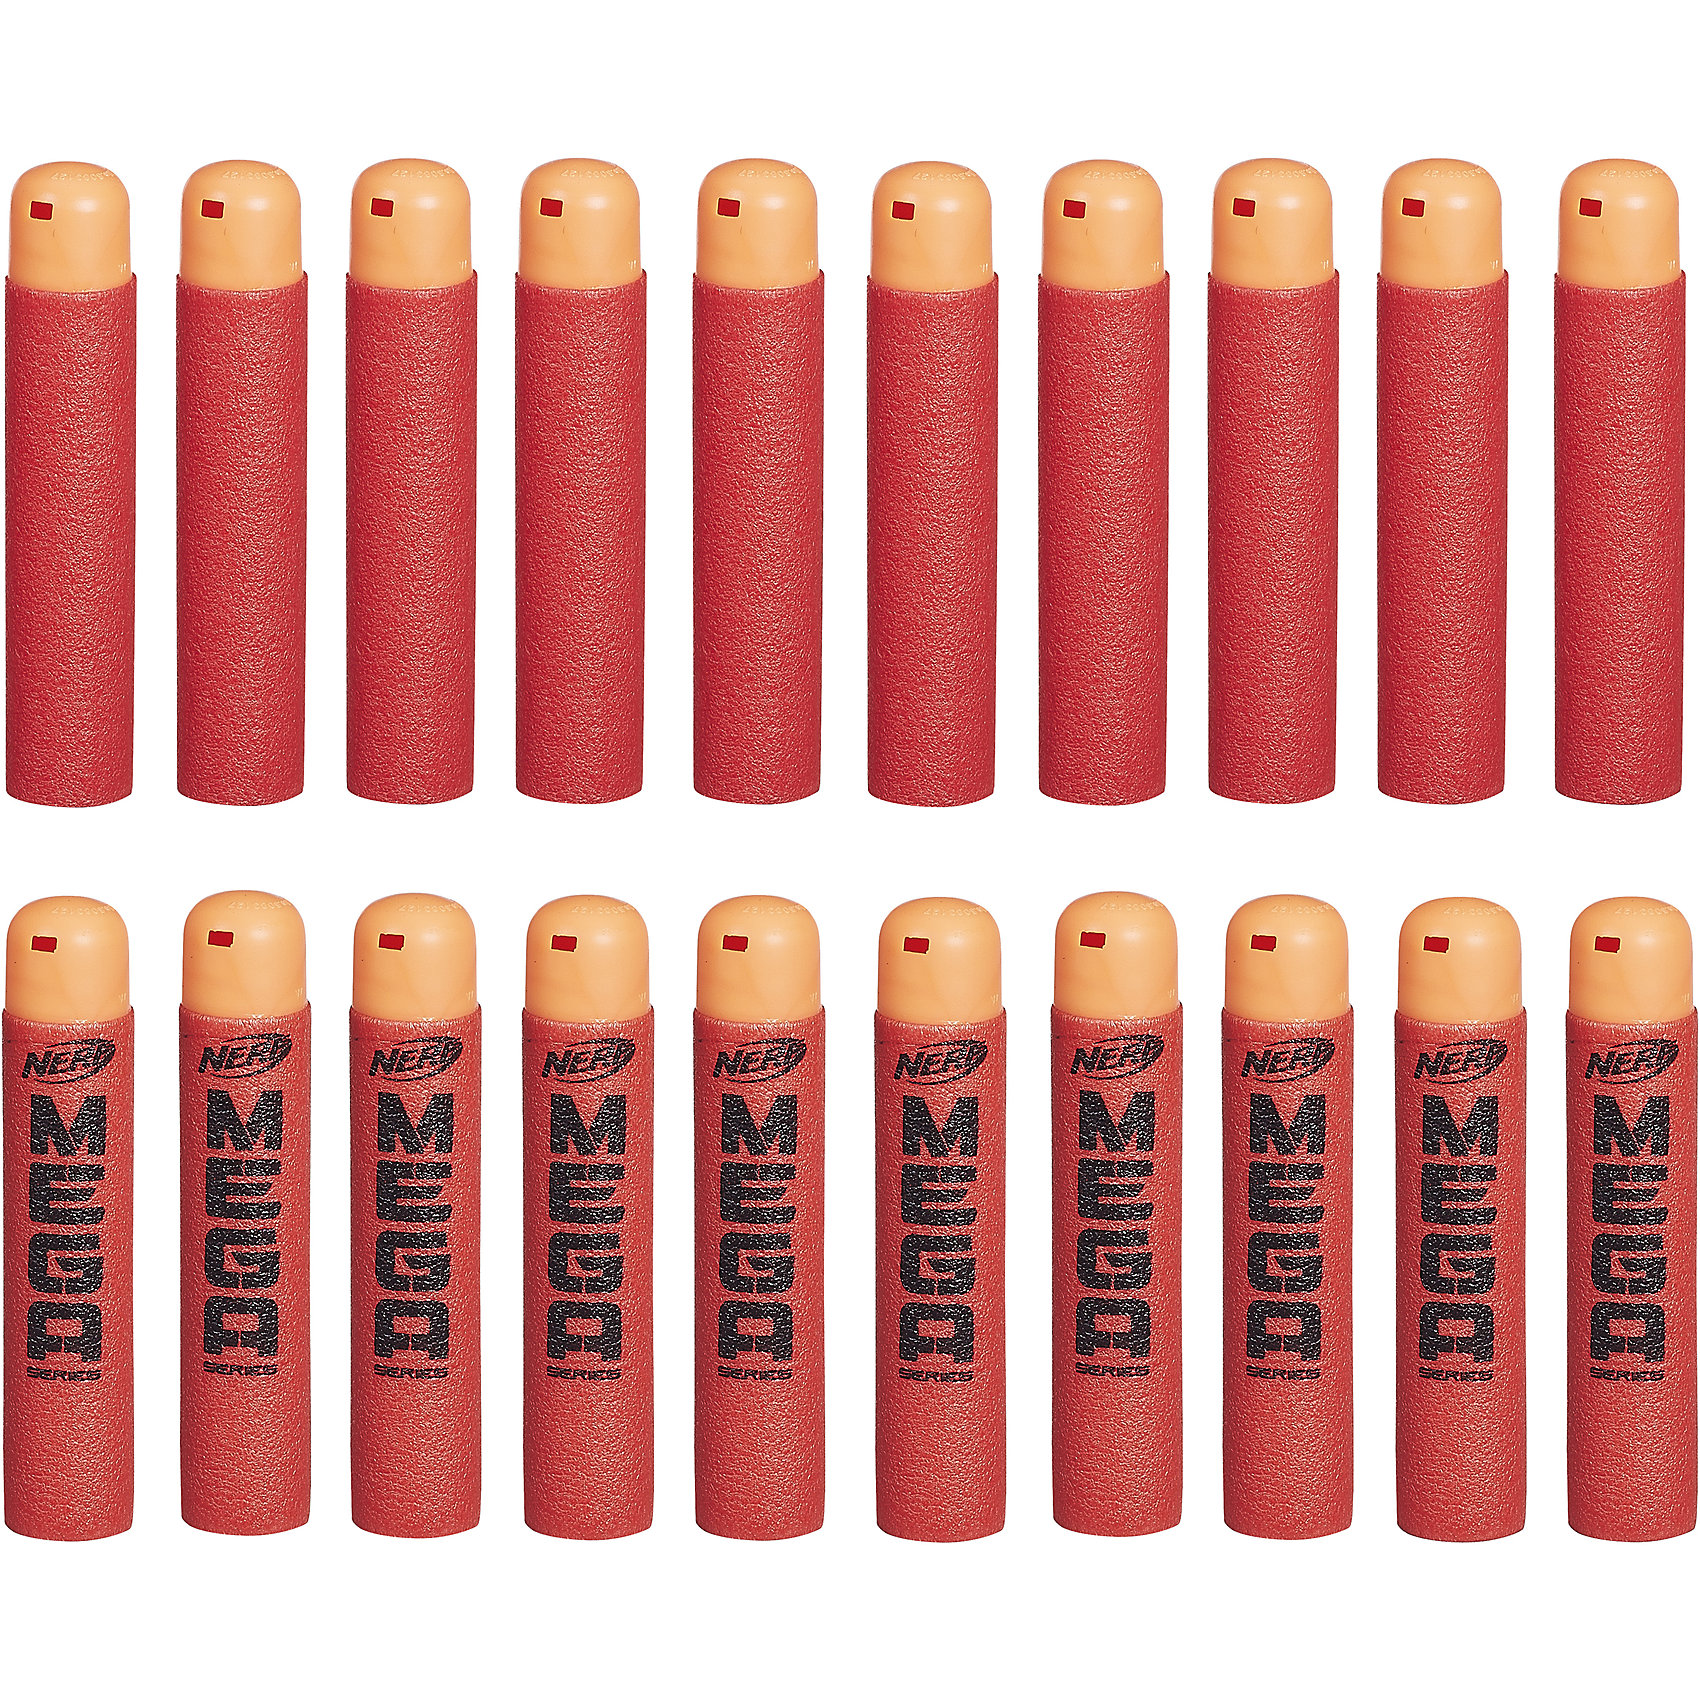 20 стрел МЕГА, NERFНабор из 20 стрел, которые подходят к любому бластеру серии МЕГА.<br><br>Ширина мм: 45<br>Глубина мм: 216<br>Высота мм: 184<br>Вес г: 140<br>Возраст от месяцев: 96<br>Возраст до месяцев: 192<br>Пол: Мужской<br>Возраст: Детский<br>SKU: 4813579